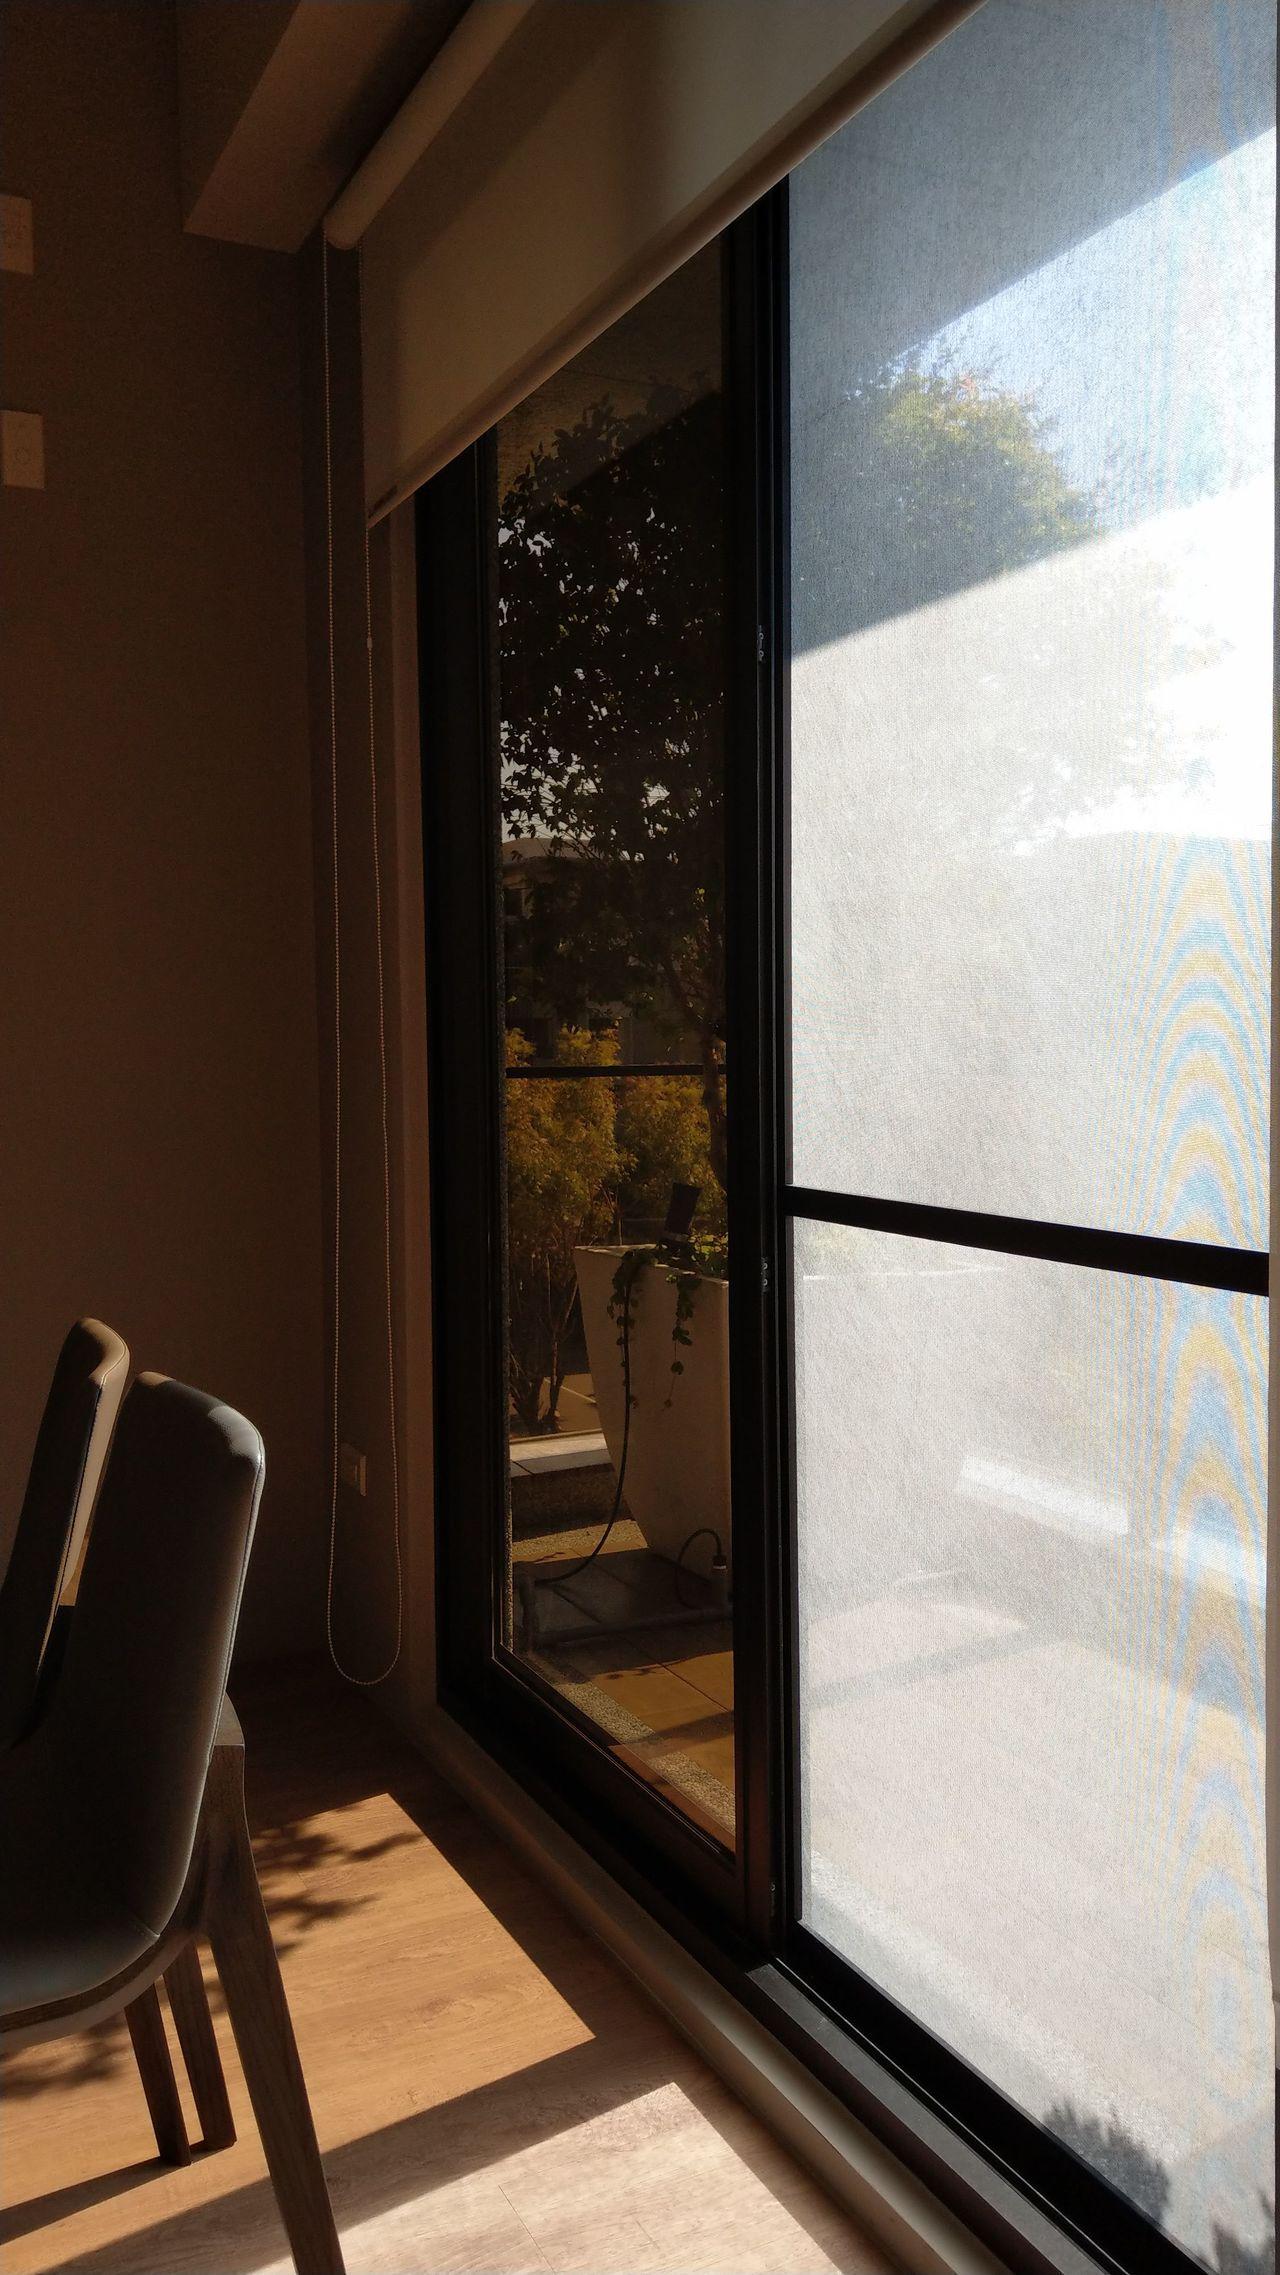 更換防霾紗網的落地鋁門窗,能保有空氣流通。記者趙容萱/攝影